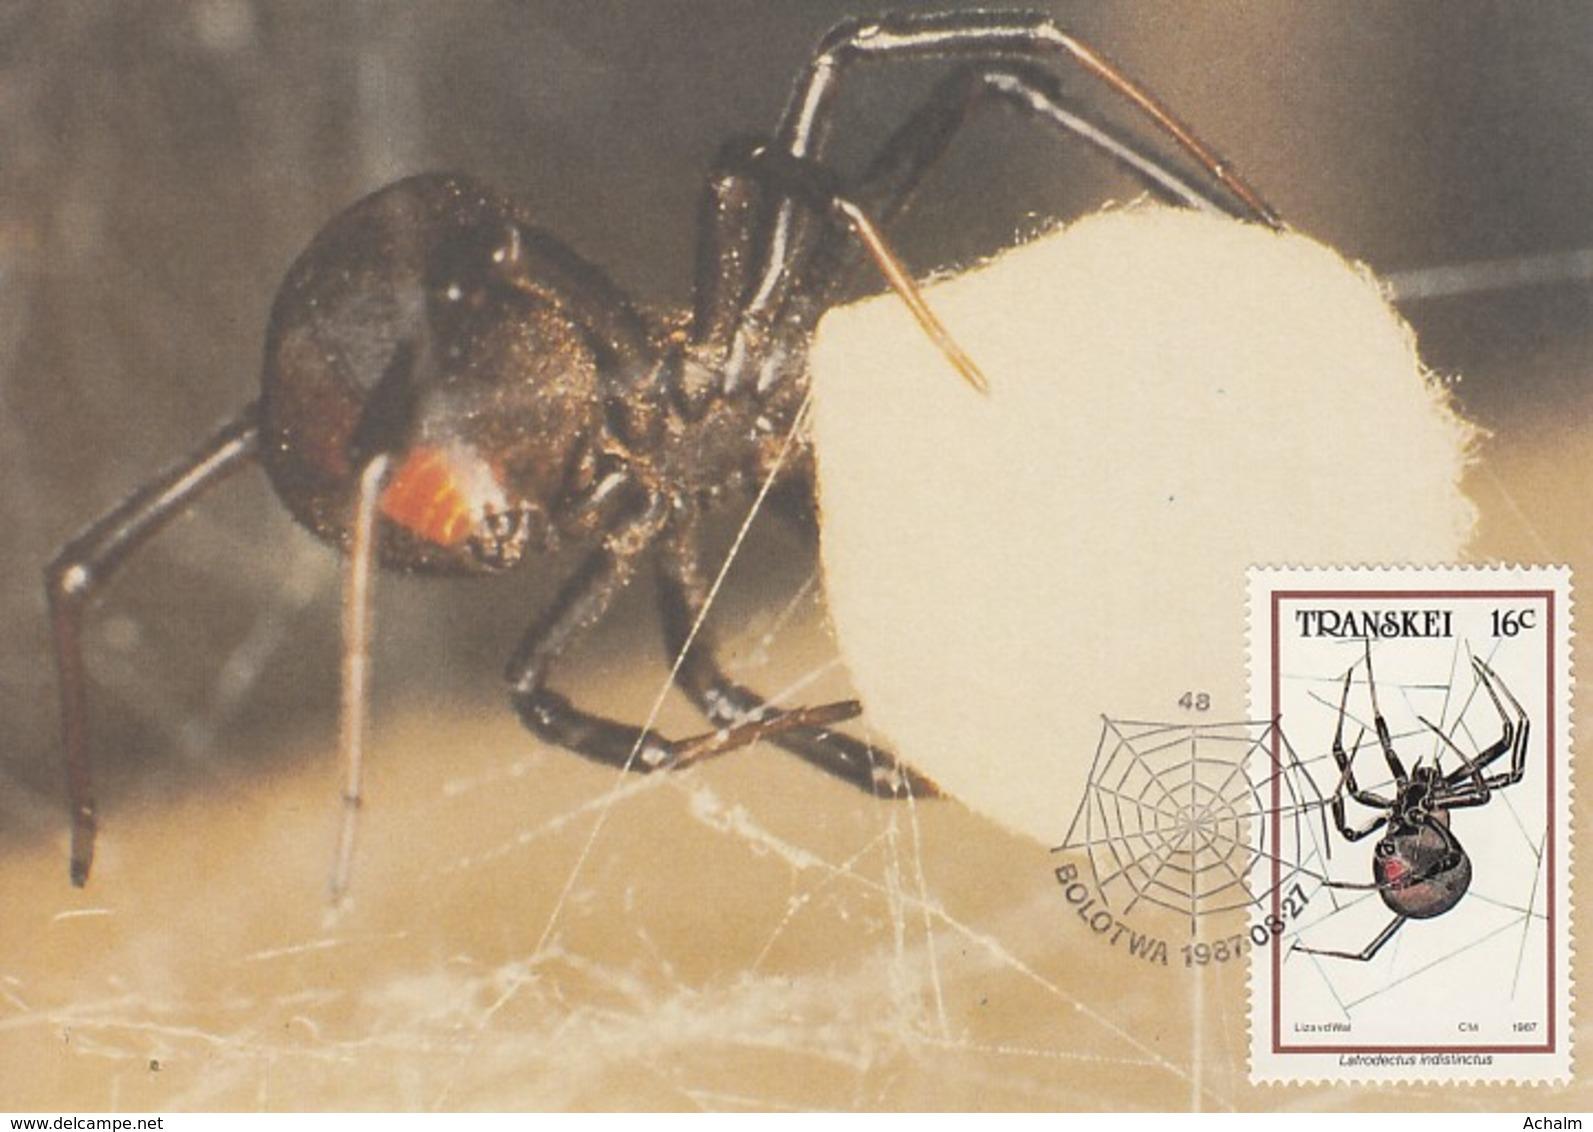 Transkei - Maximum Card Of 1987 - MiNr. 206 - Spiders - Latrodectus Indistinctus - Transkei